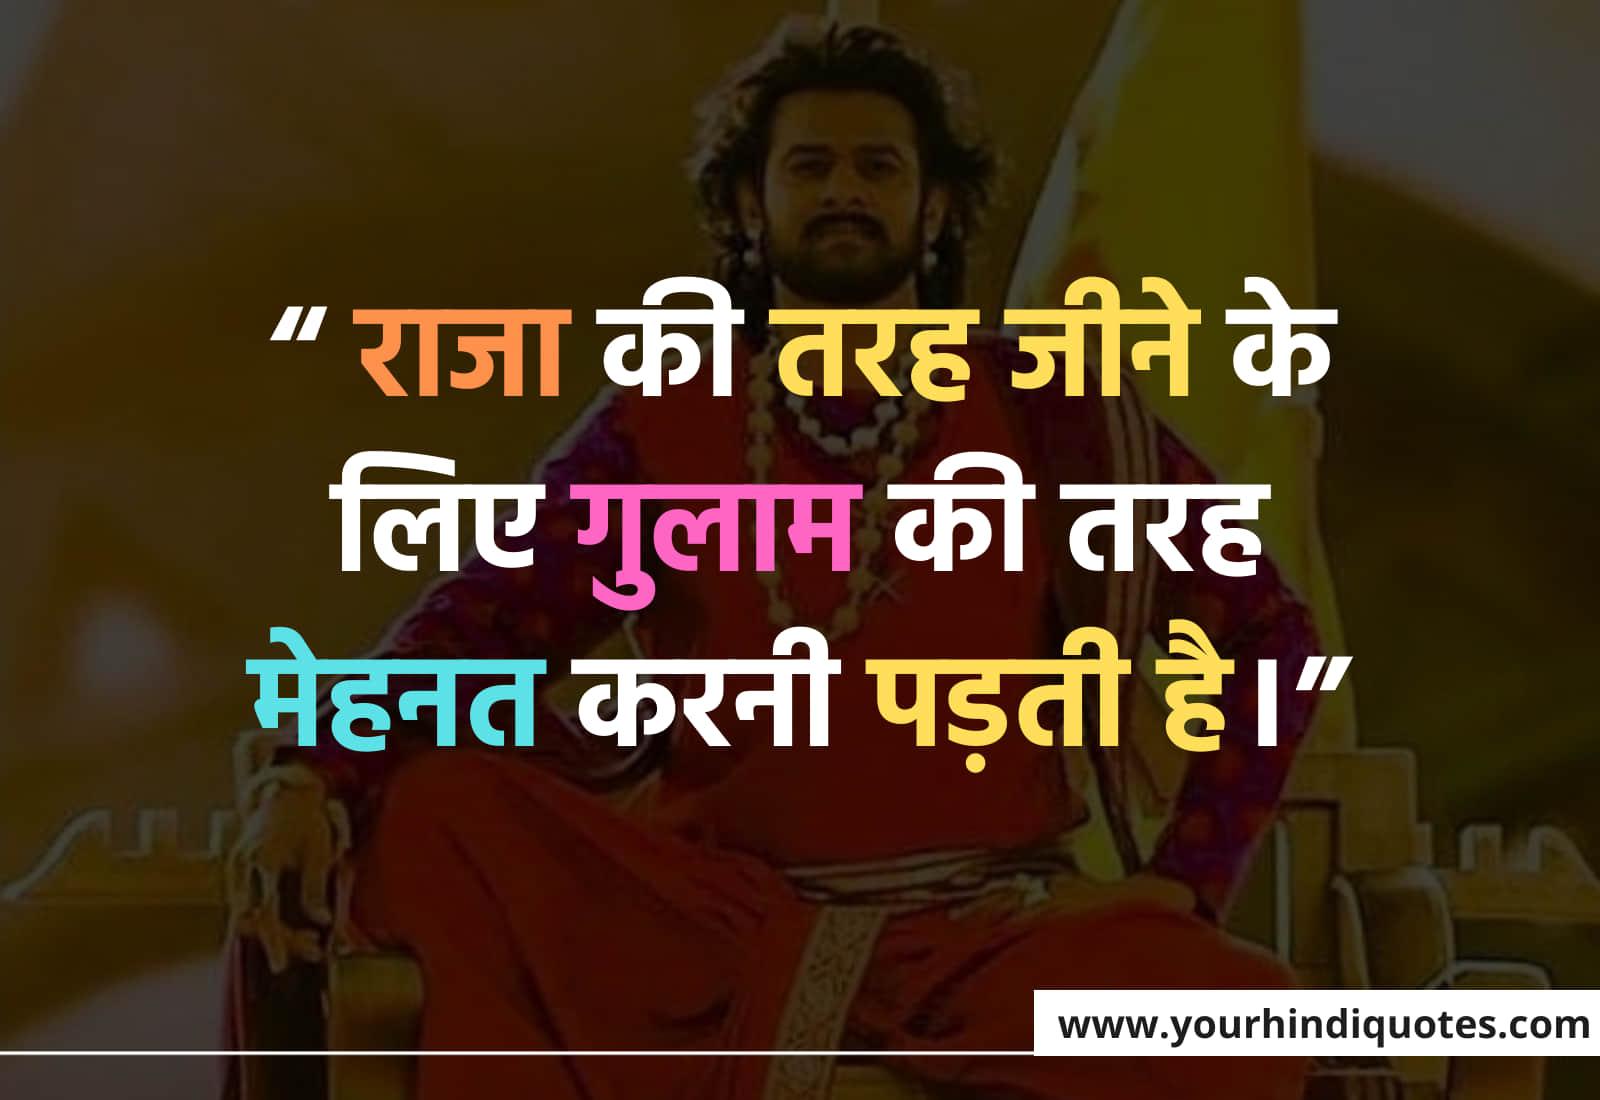 Hindi Motivational Life Quotes